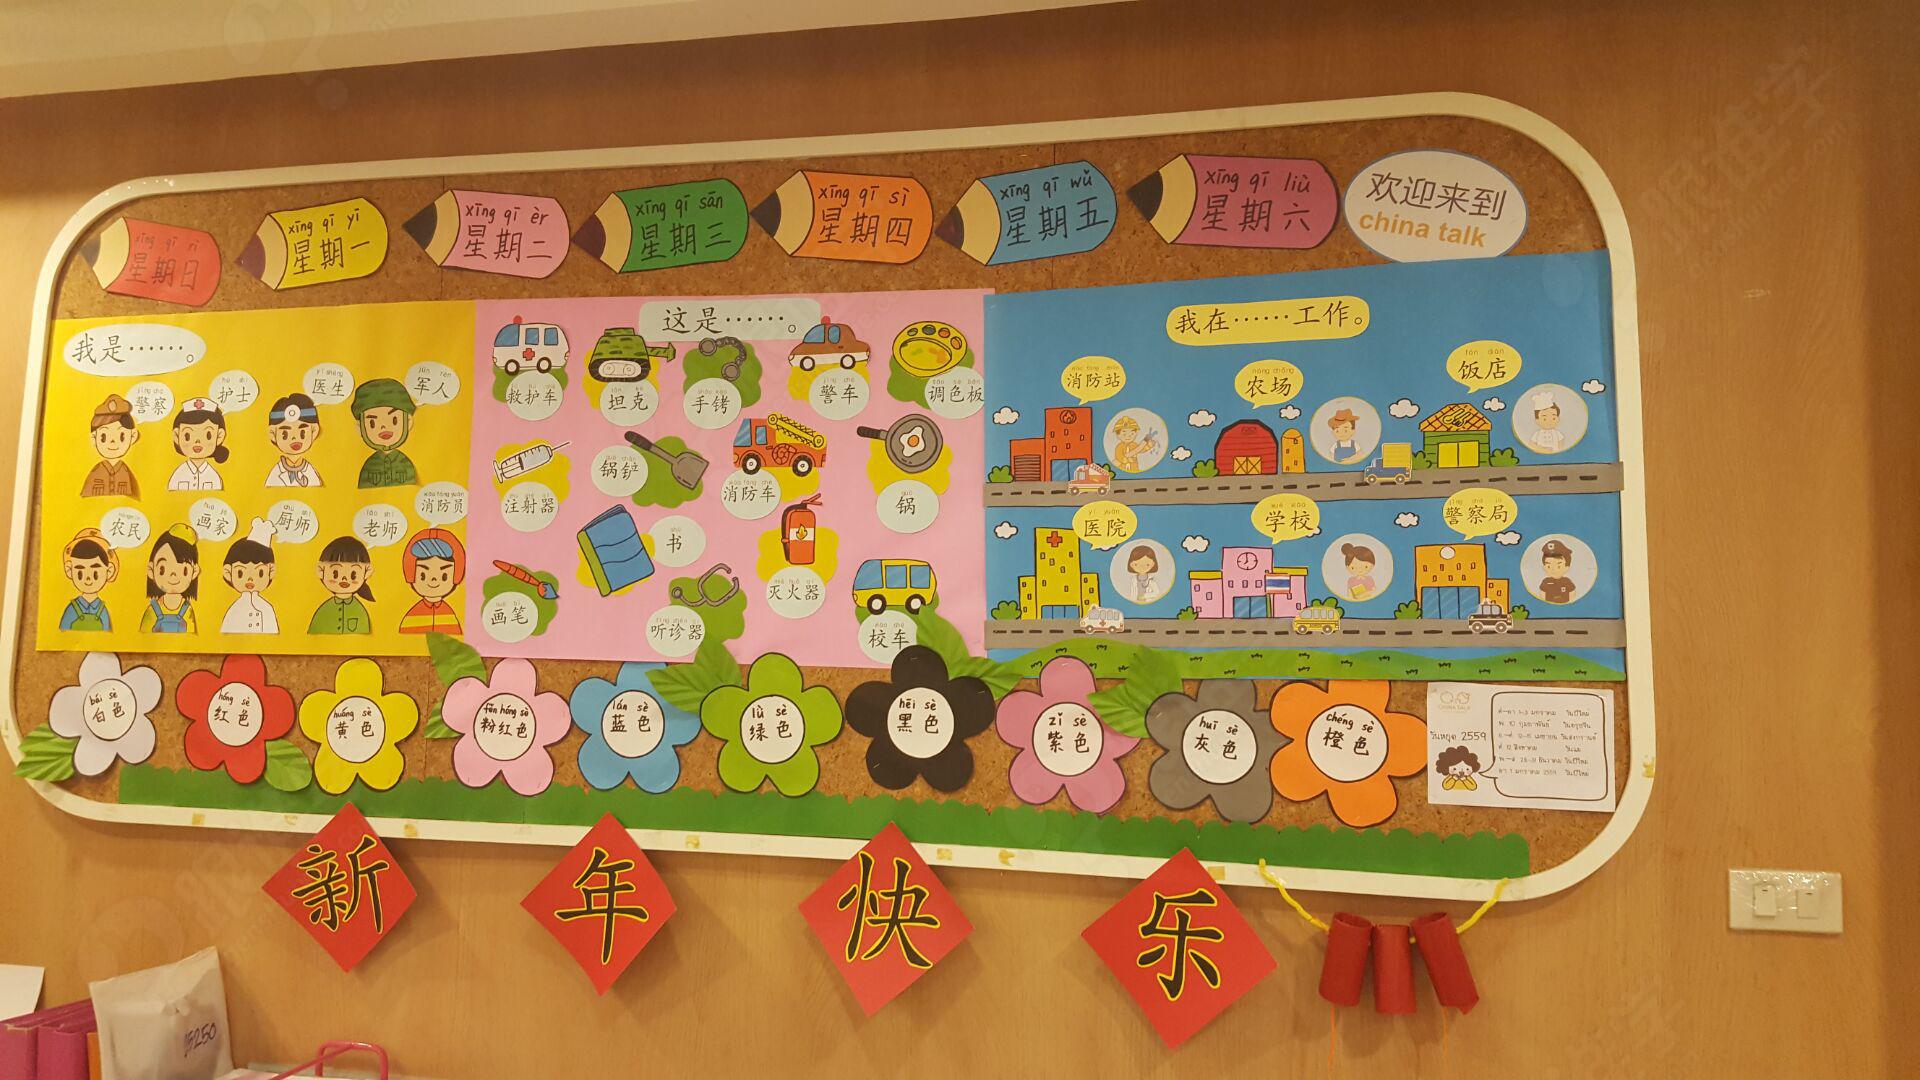 【泰国】曼谷语言培训学校招聘1名中文老师